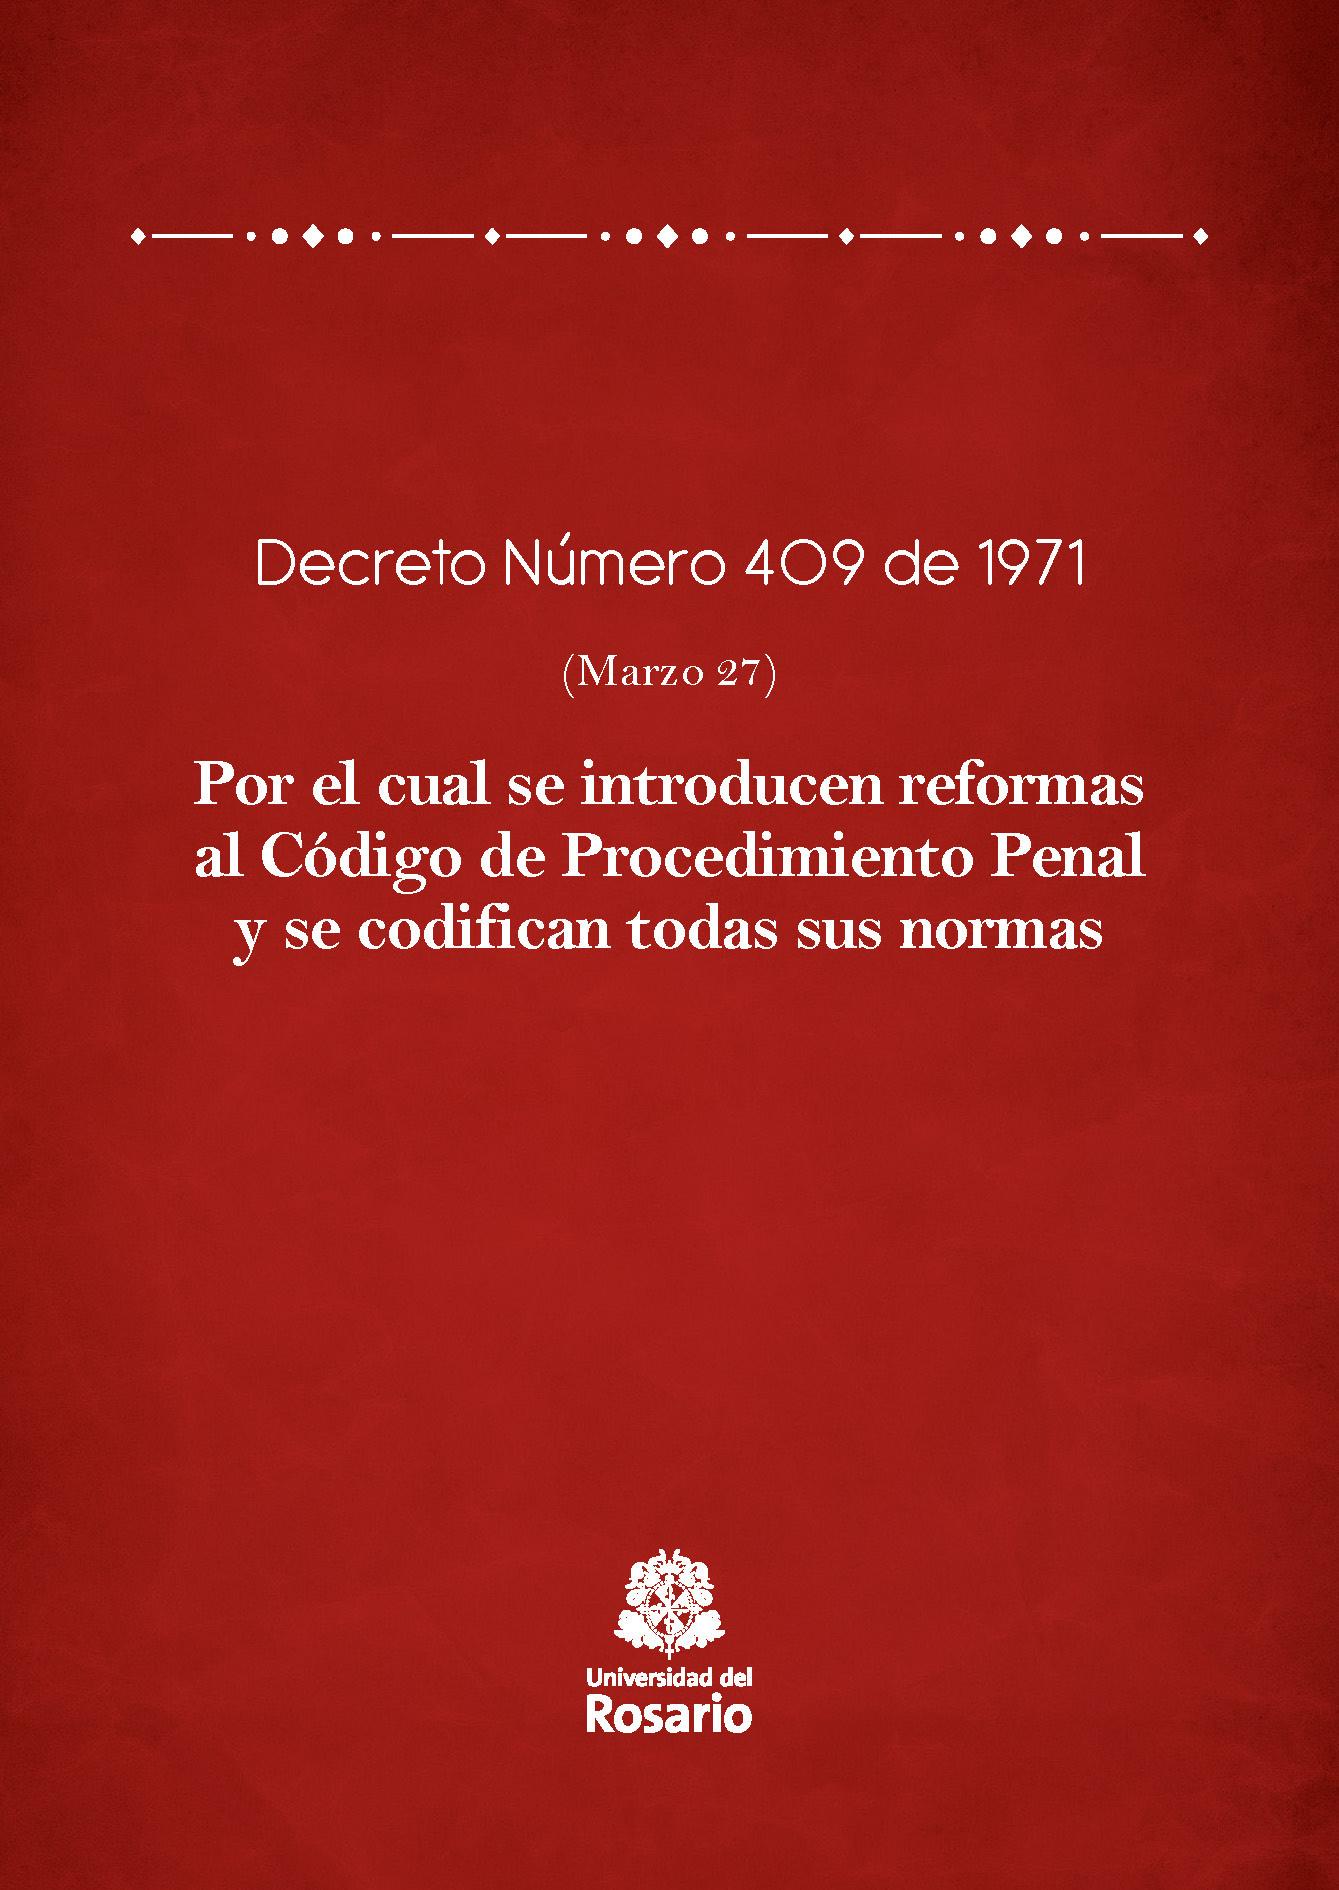 Decreto Número 409 de 1971 (Marzo 27)